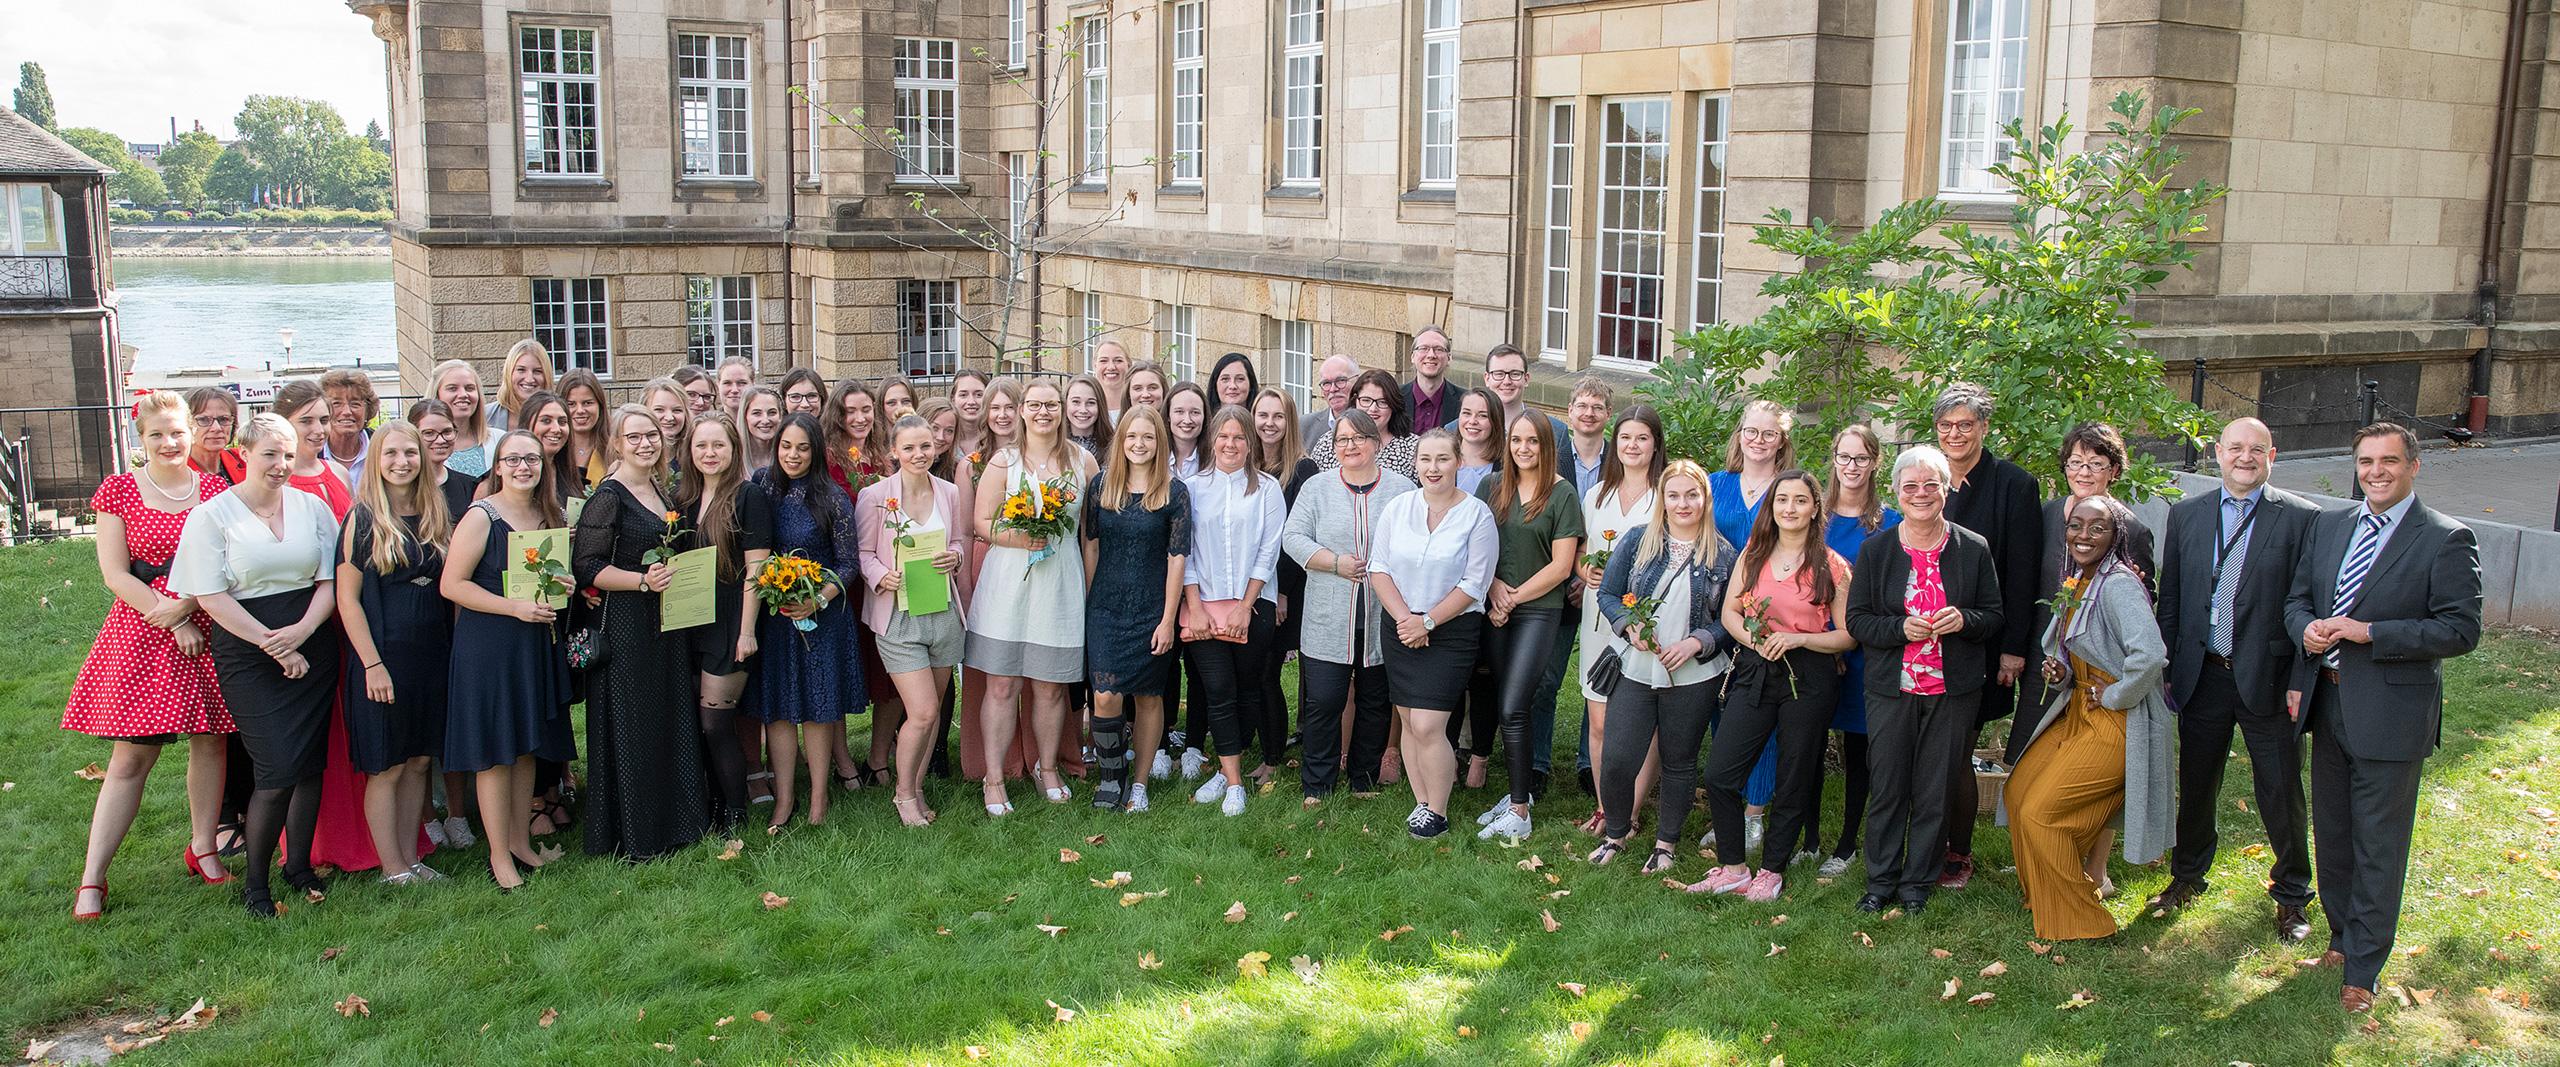 Ausbildung am Universitätsklinikum Bonn